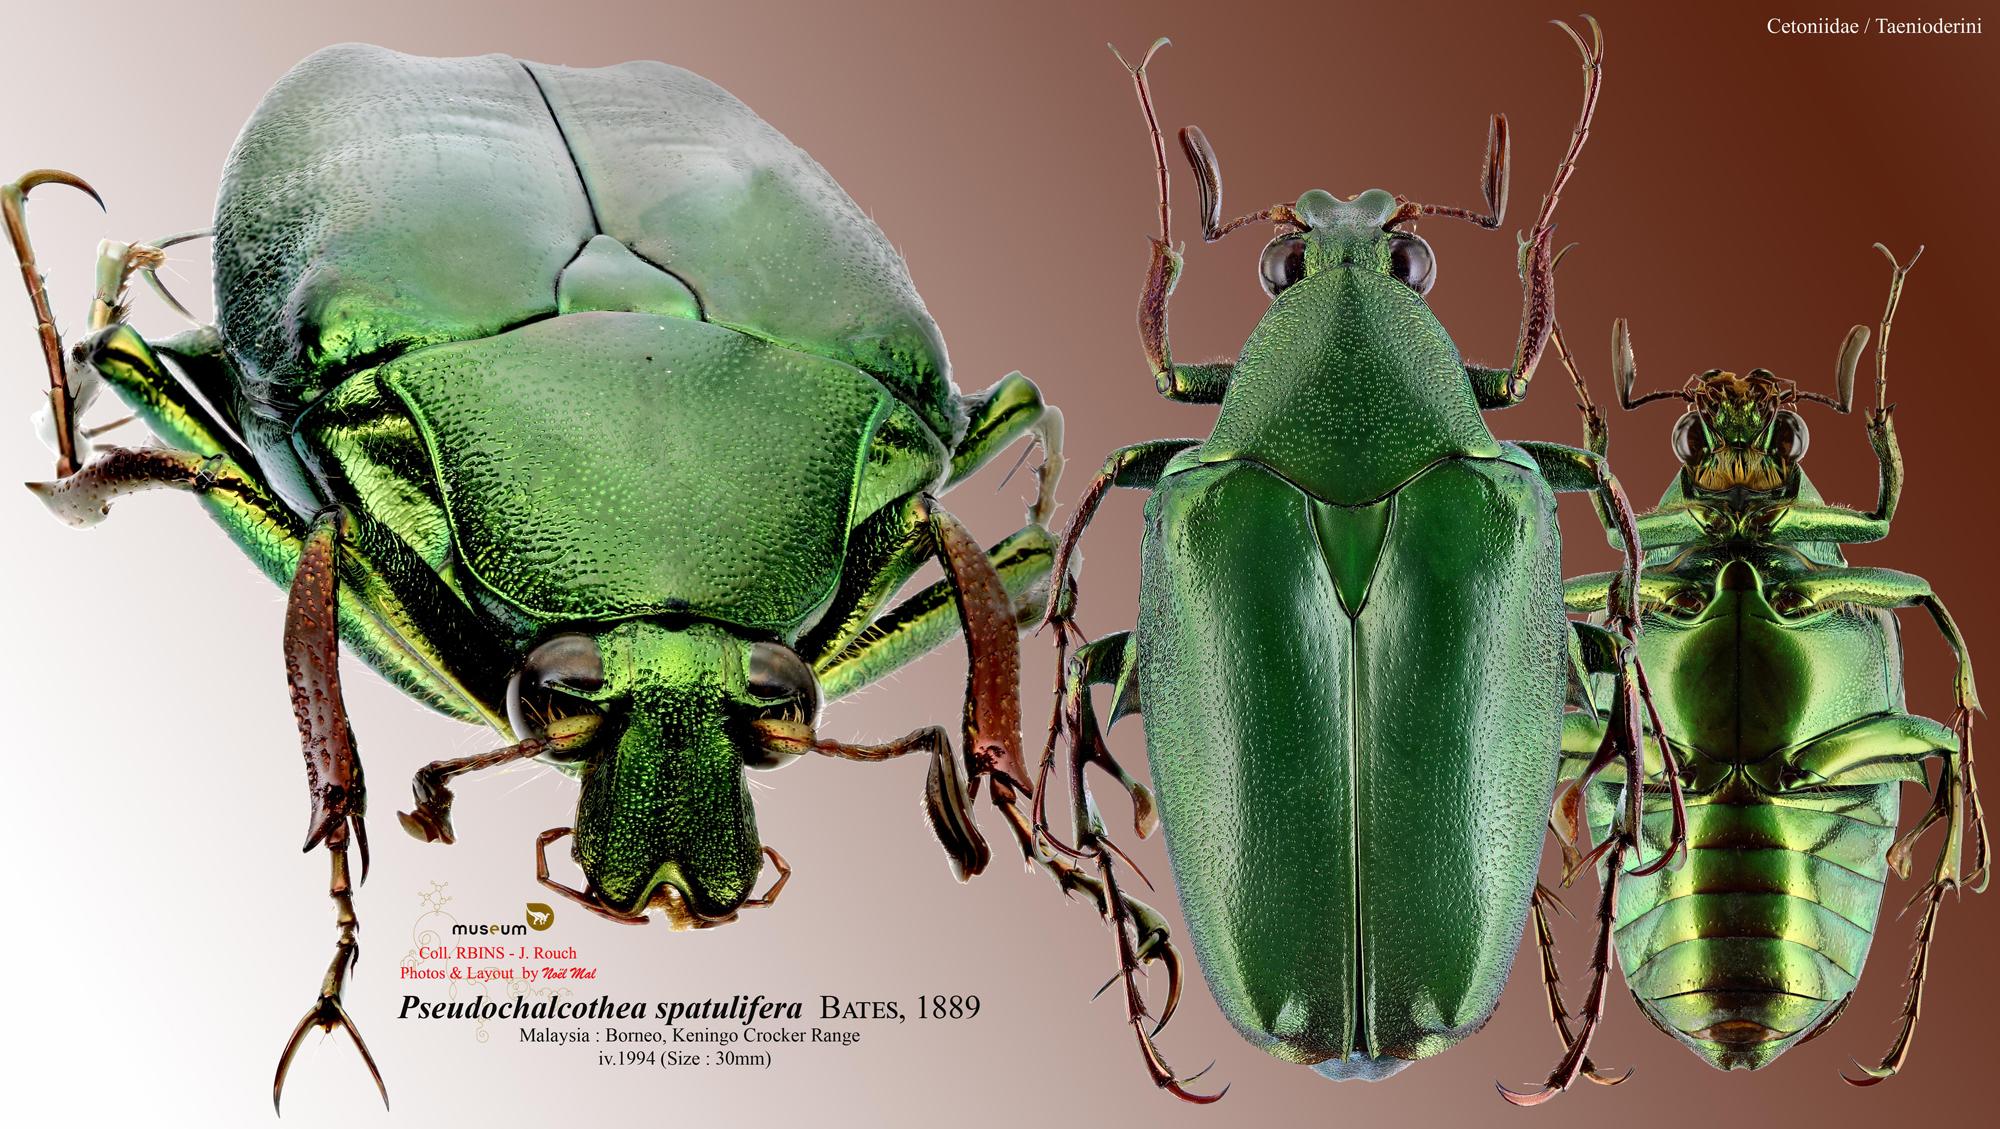 Pseudochalcothea spathulifera.jpg